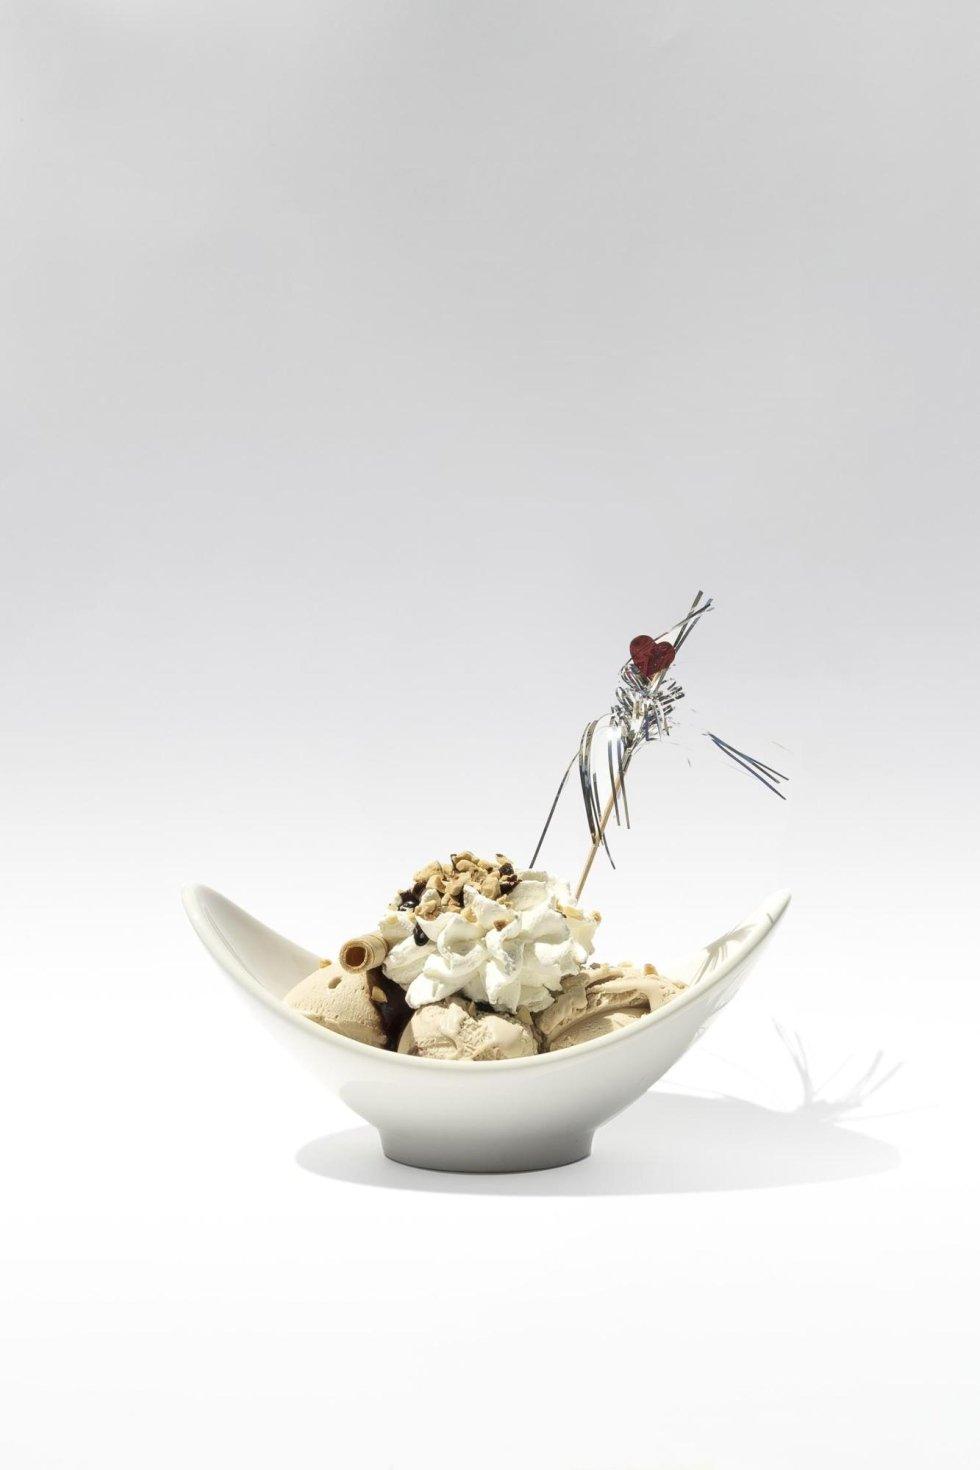 coppa gelato